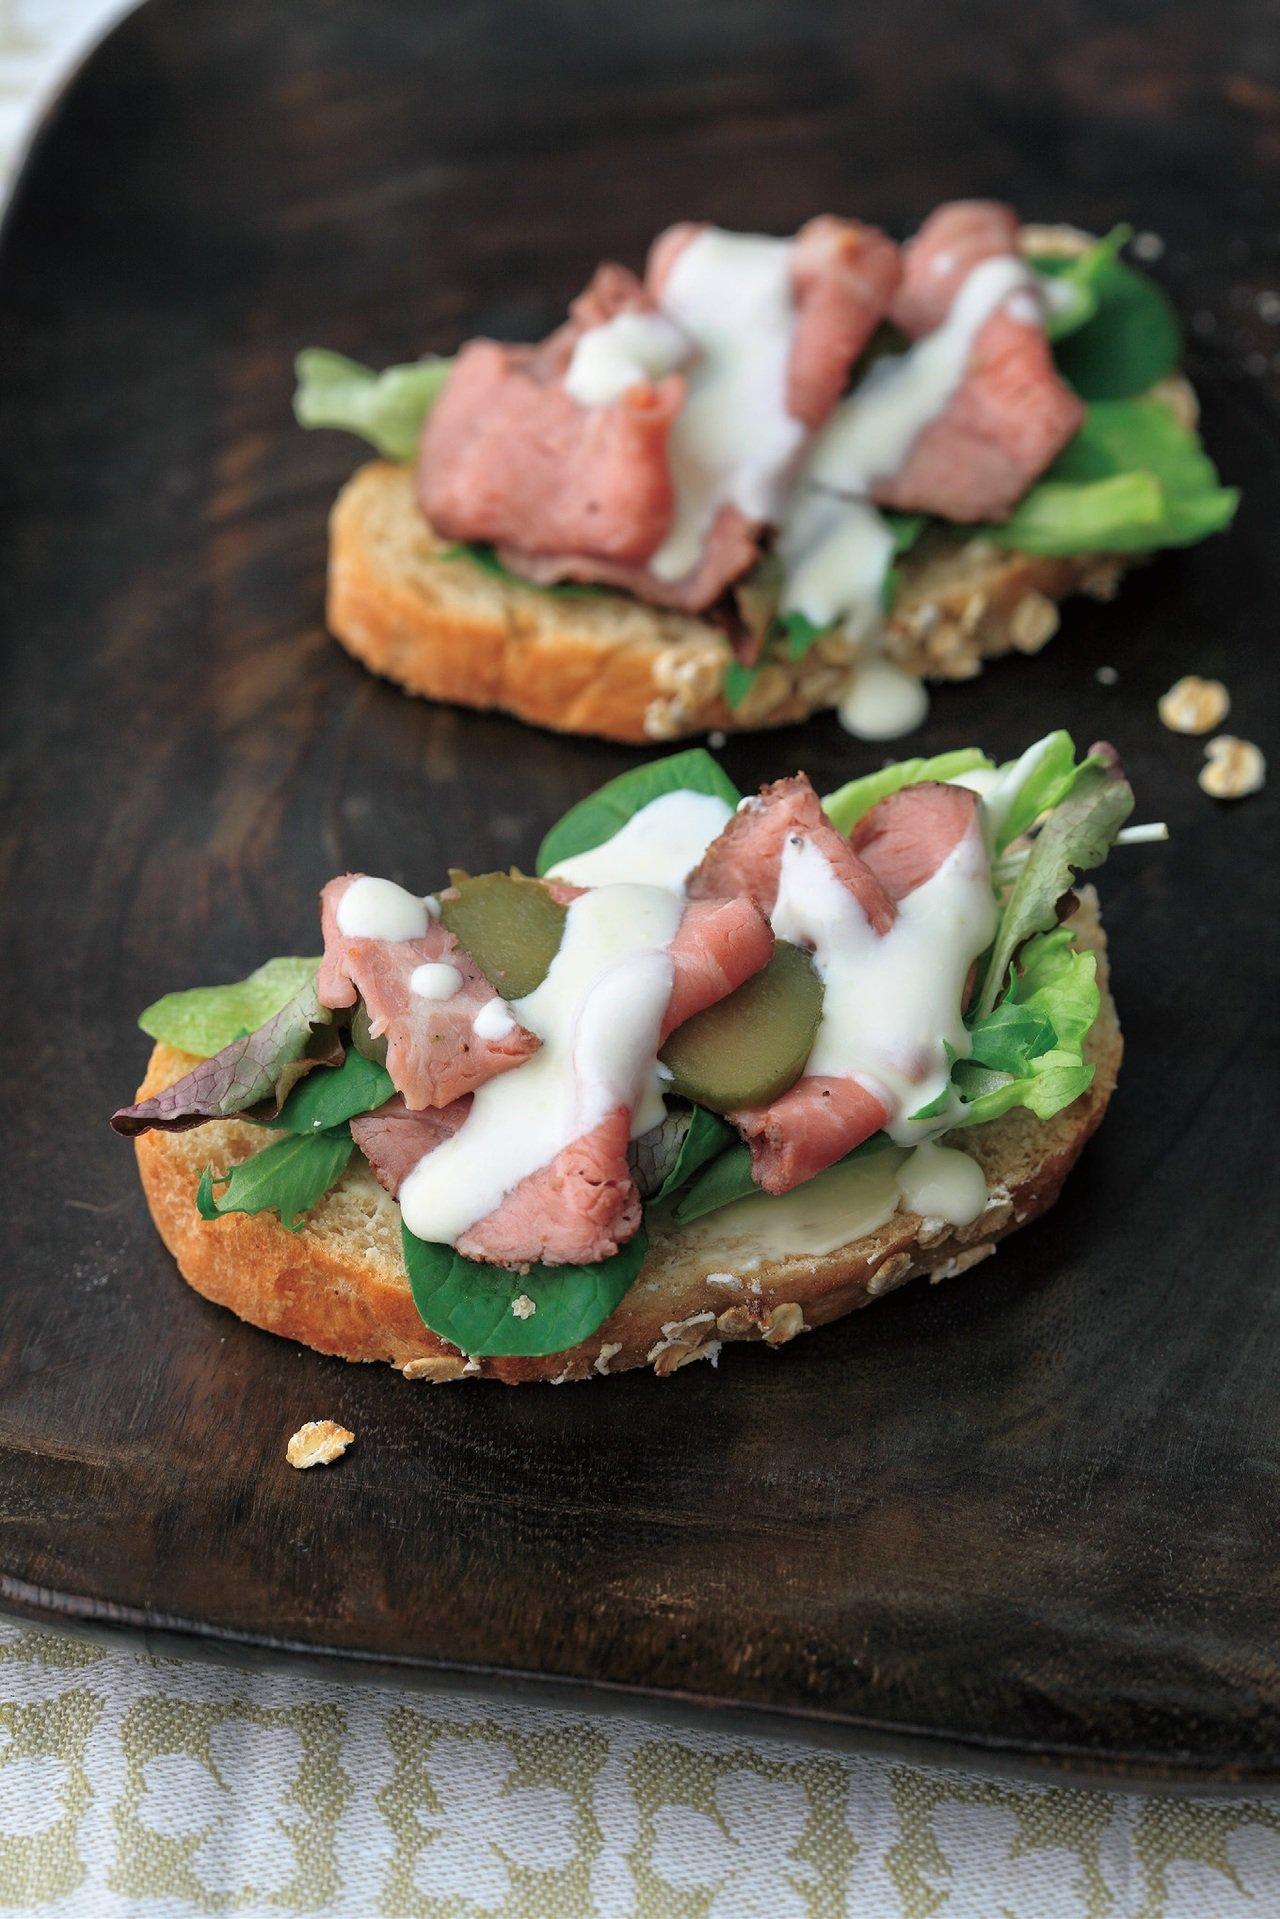 烤牛肉外餡三明治。圖/商周提供